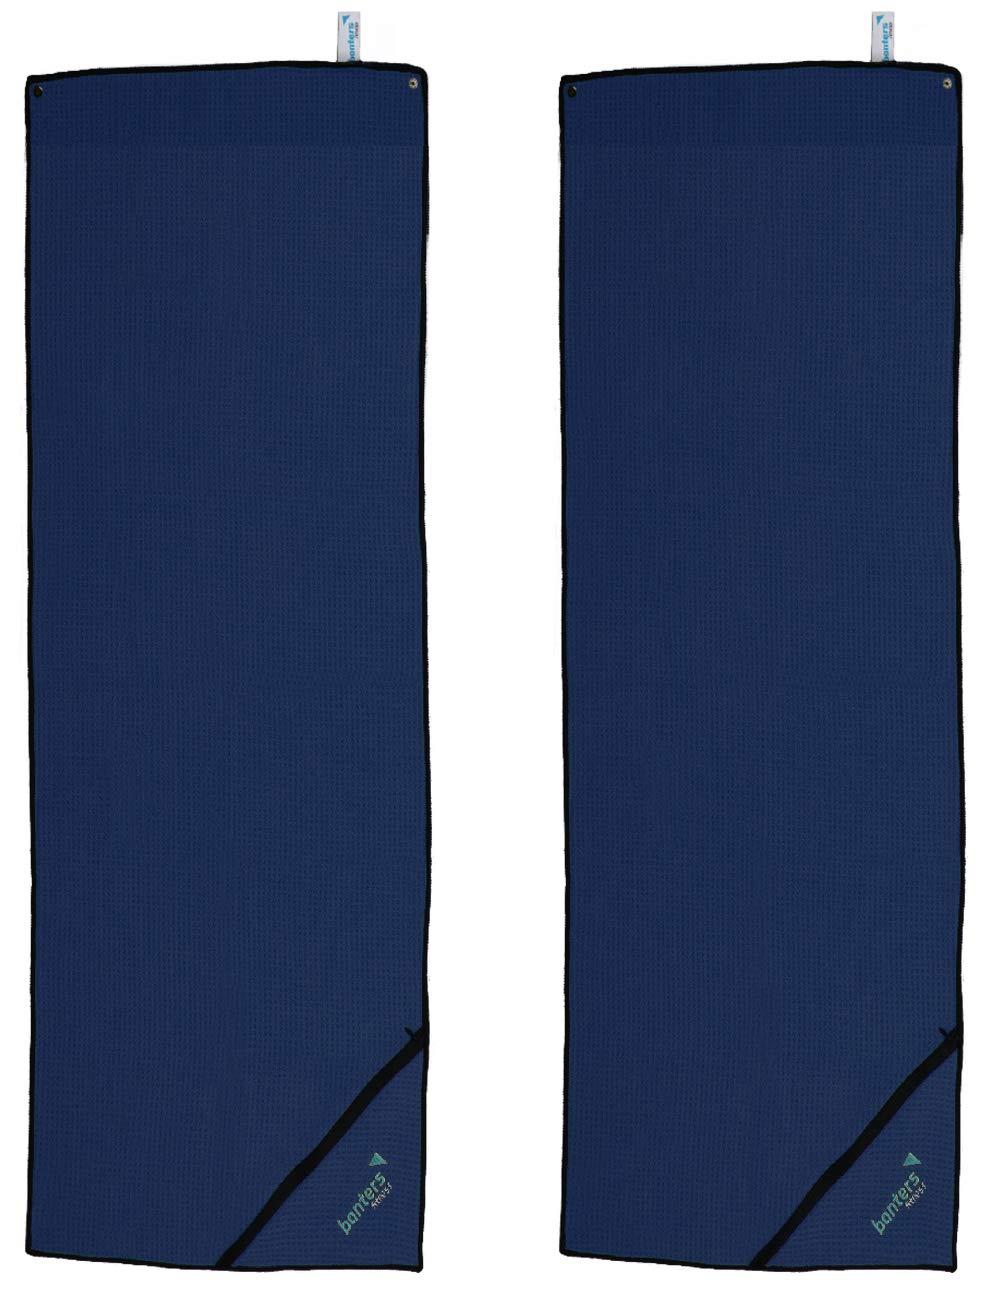 banters Toalla de Microfibra para Deportes y Entrenamiento en el Gimnasio, Azul, 2 pzas: Amazon.es: Deportes y aire libre